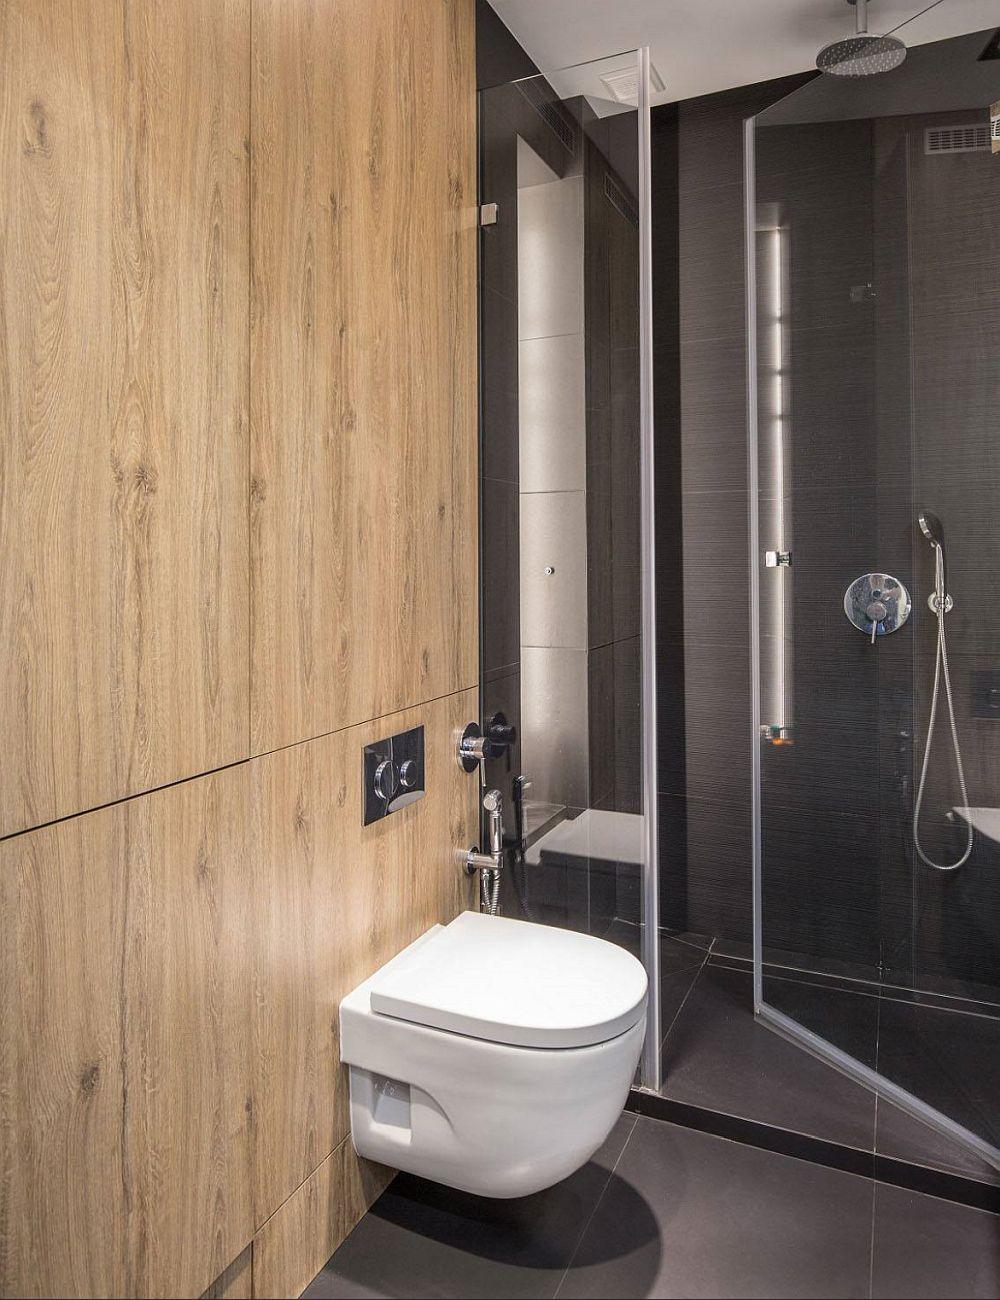 În baie, lână vasul de toaletă îngropat și în jurul acestuia a fost creat un ansamblu de depozitare. În spatele uneia dintre uși este mascată mașina de spălat rufe.